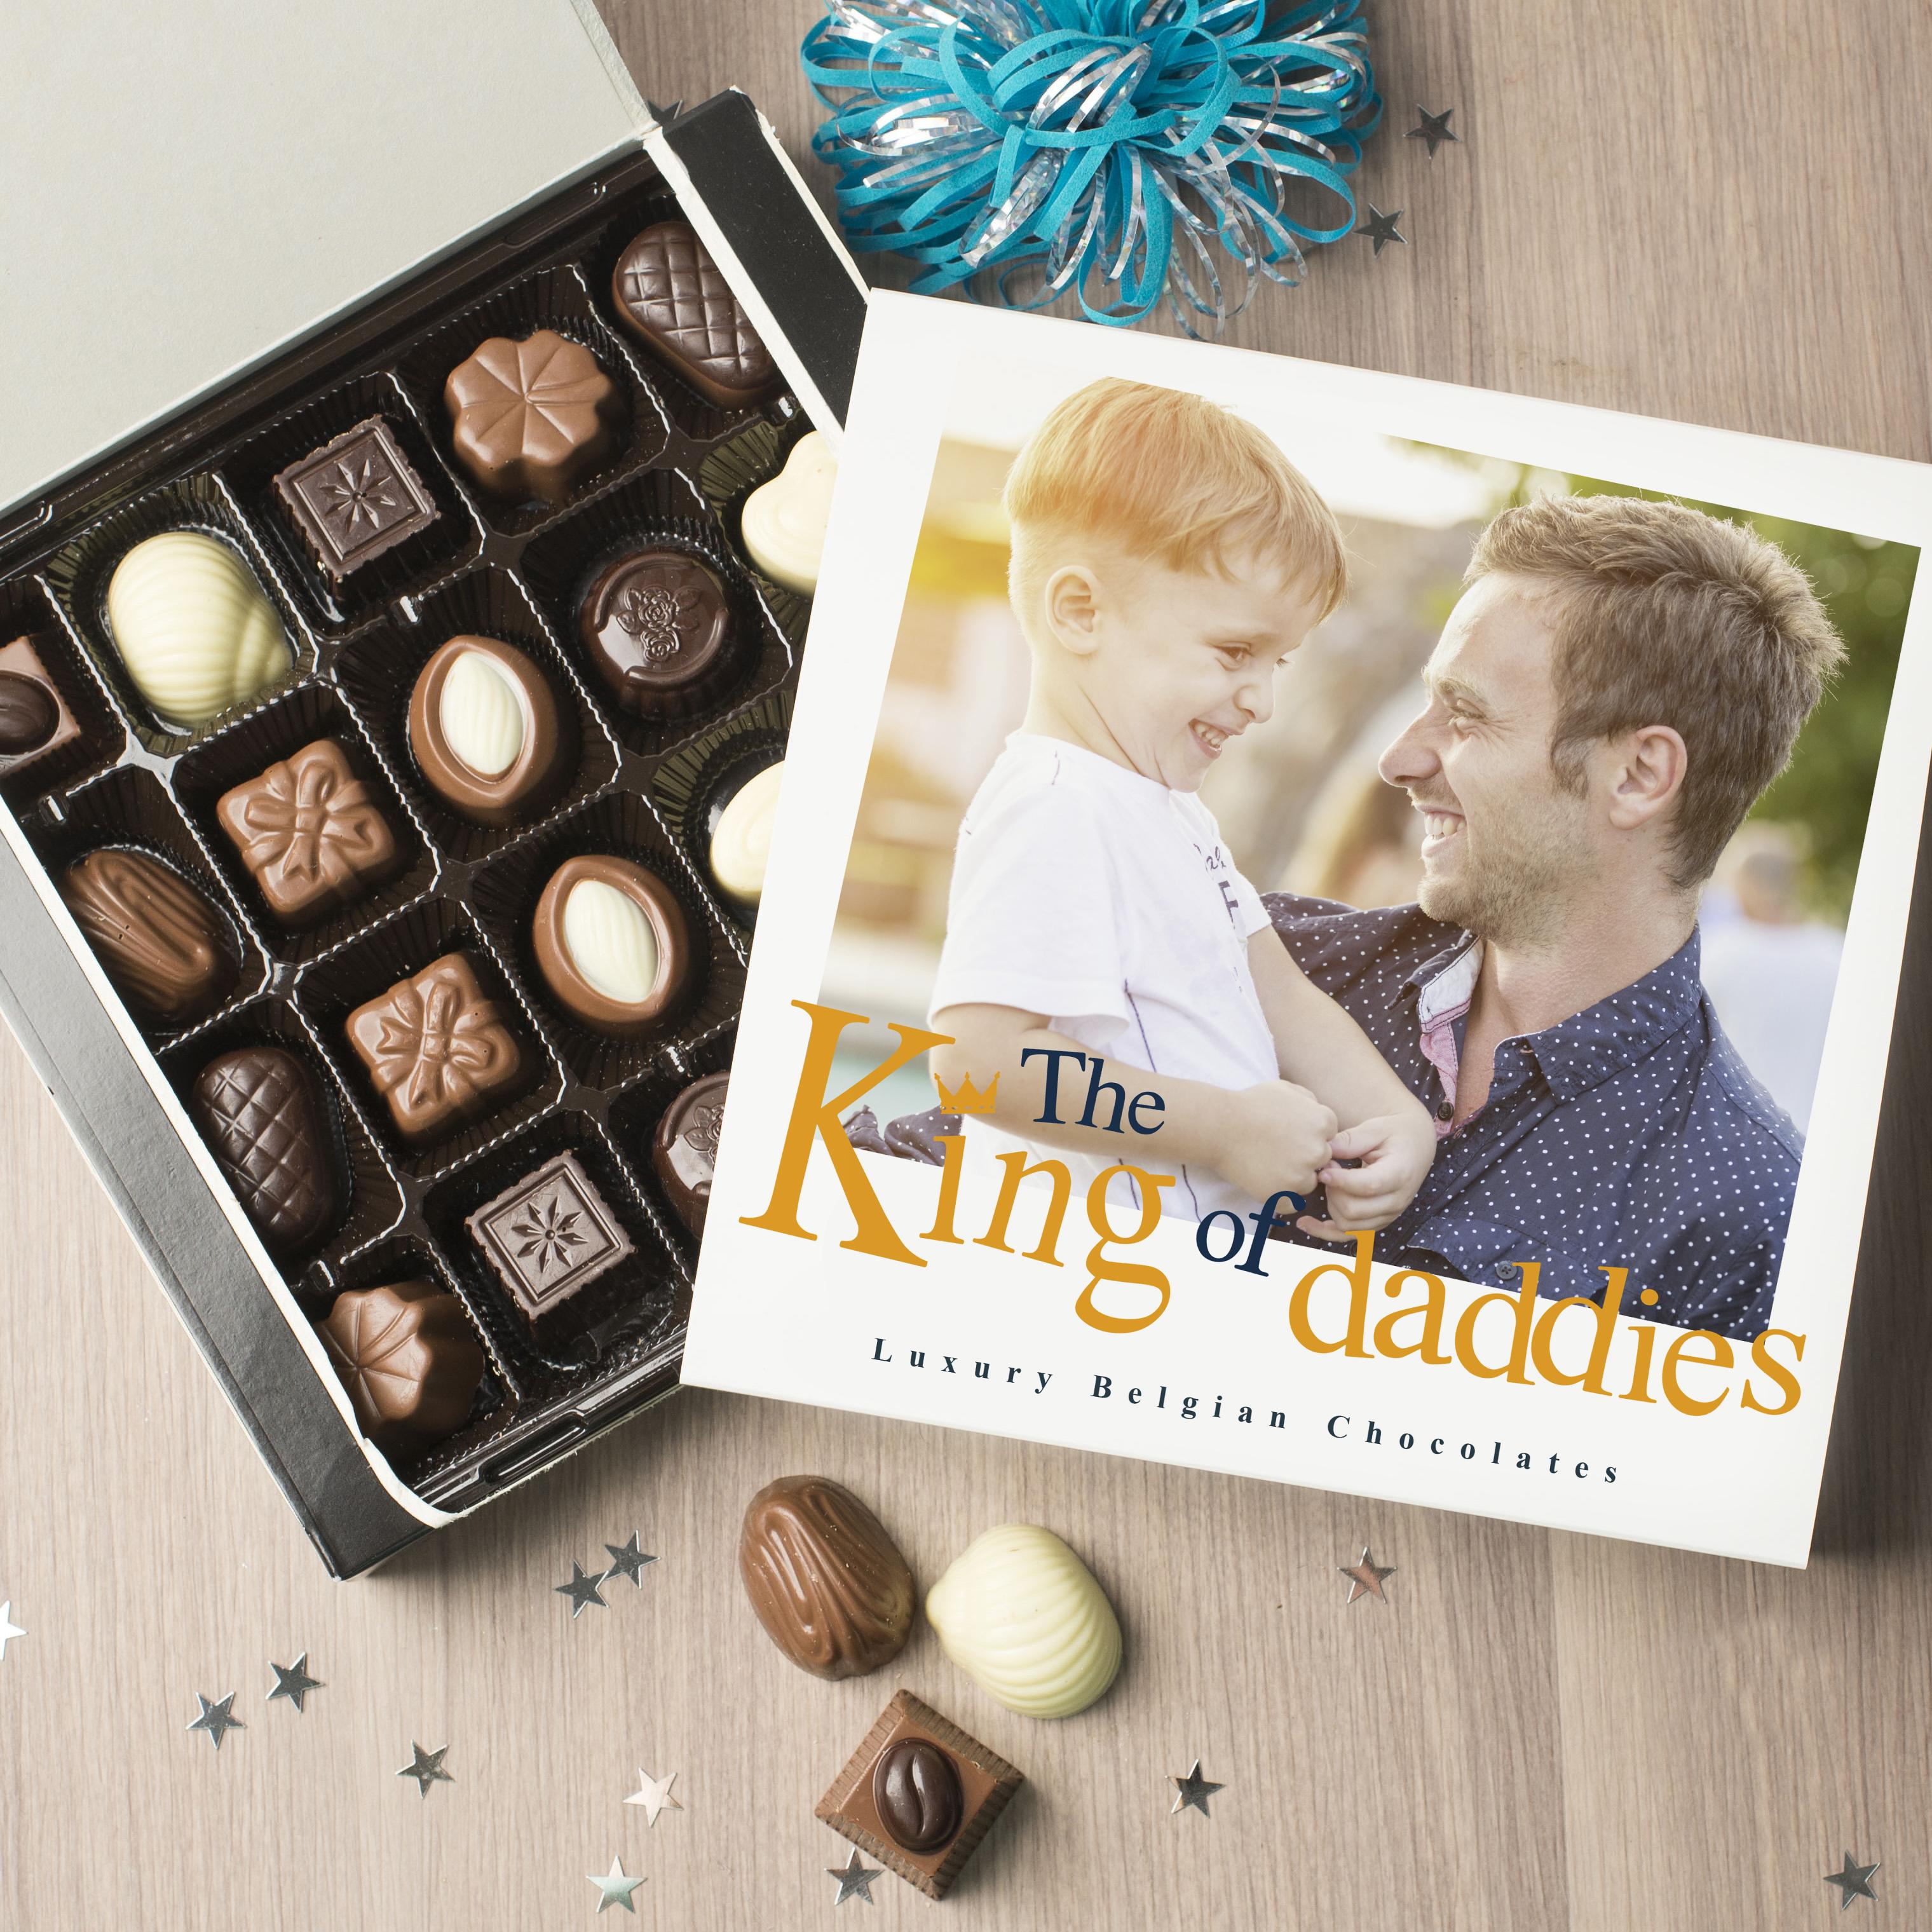 Photo Upload Belgian Chocolates - King Of Daddies